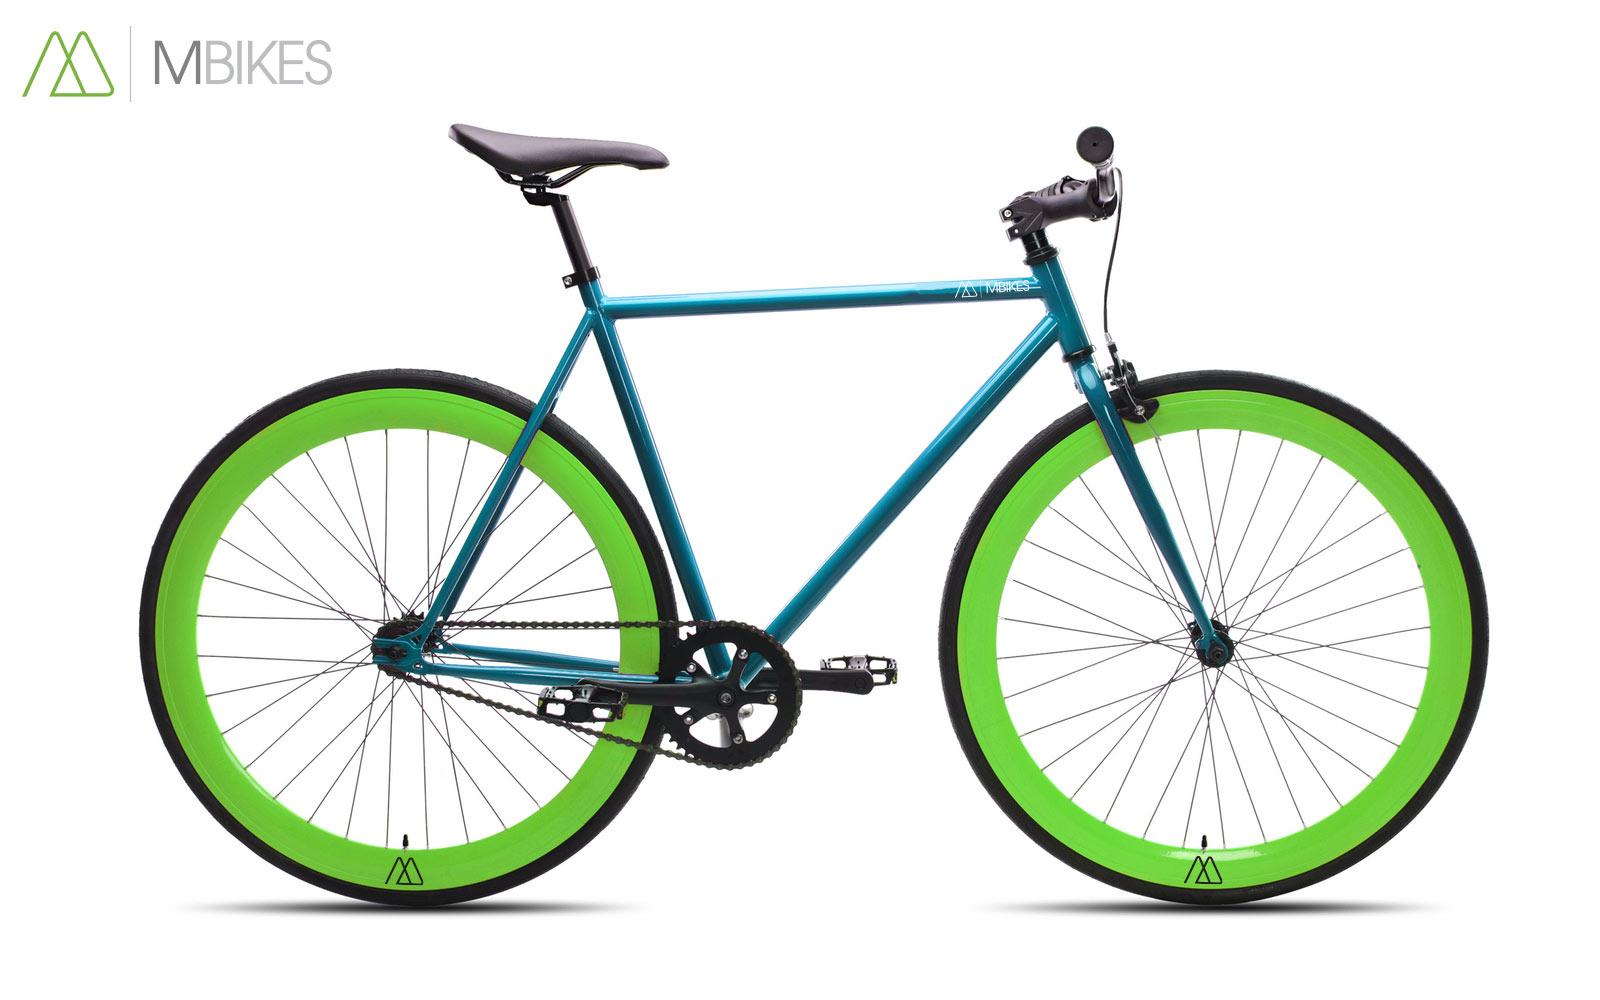 mBikes-bike-mockup